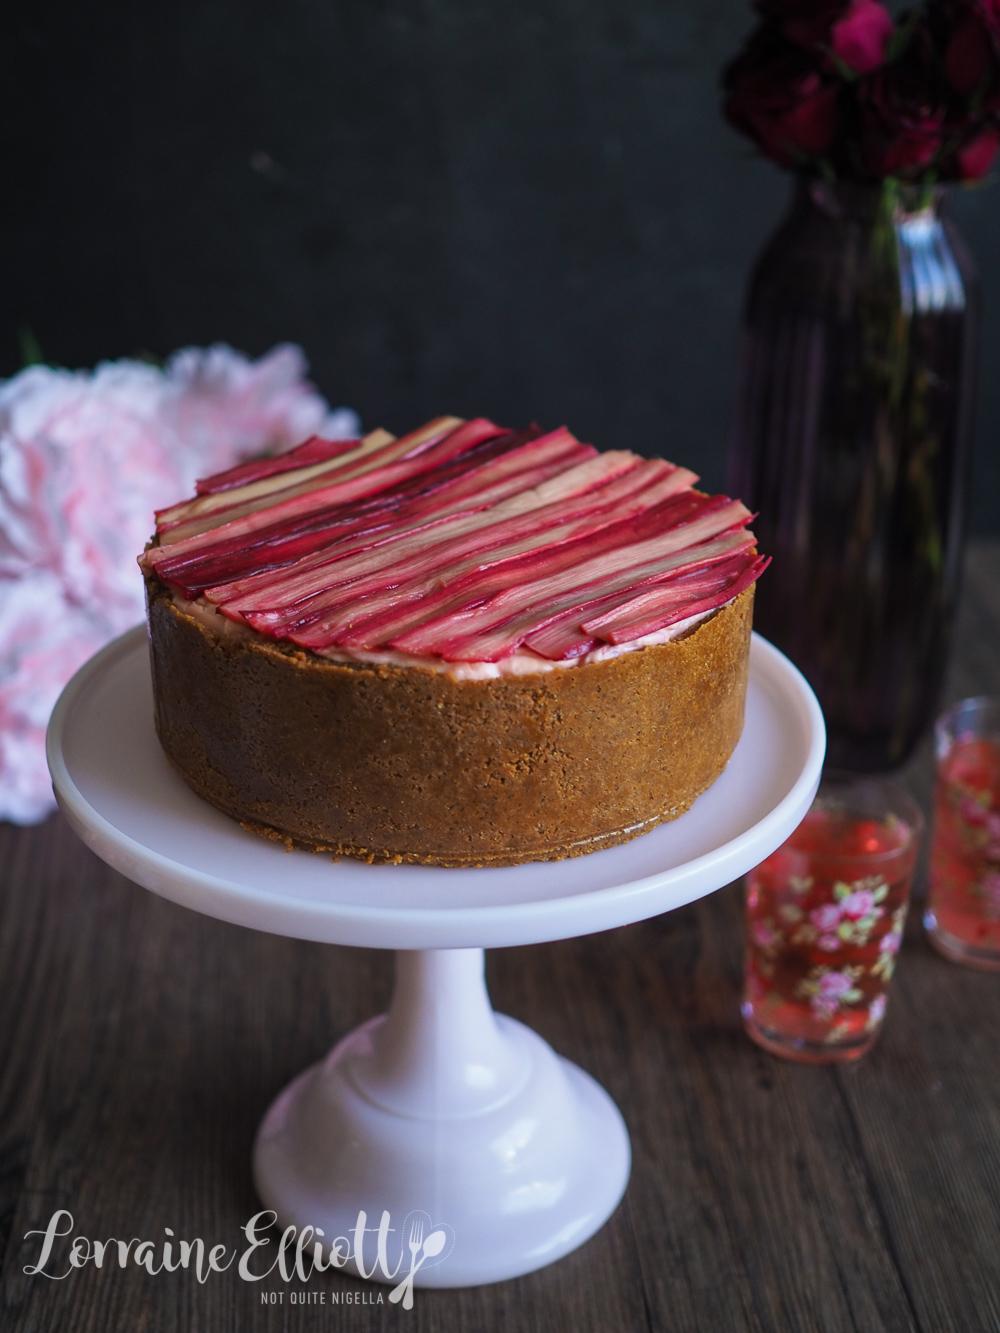 Rhubarb & Ricotta Cheesecake